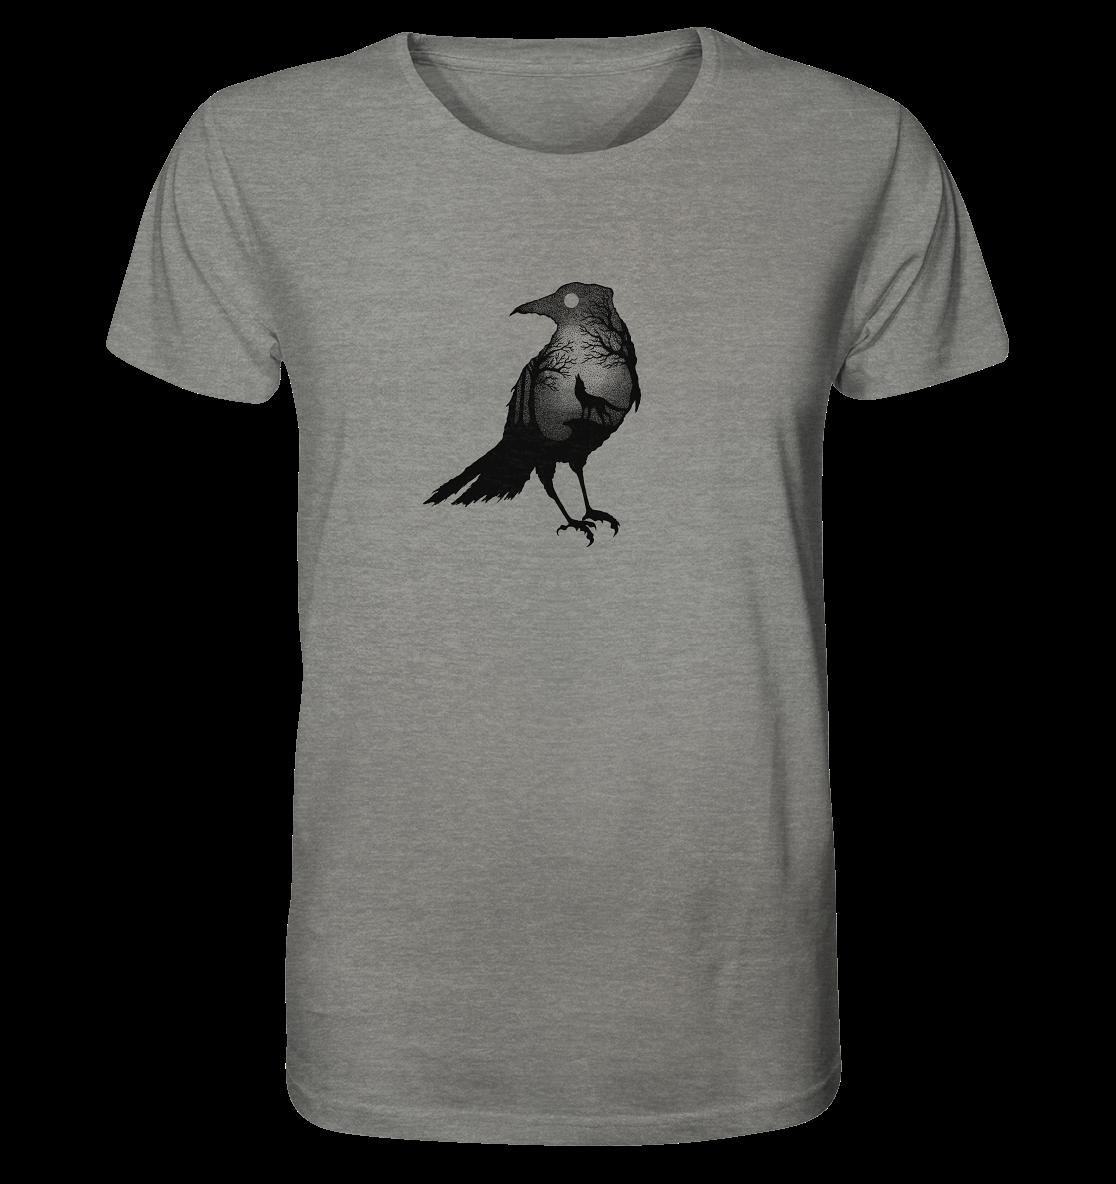 front-organic-shirt-meliert-818381-1116x-3.png